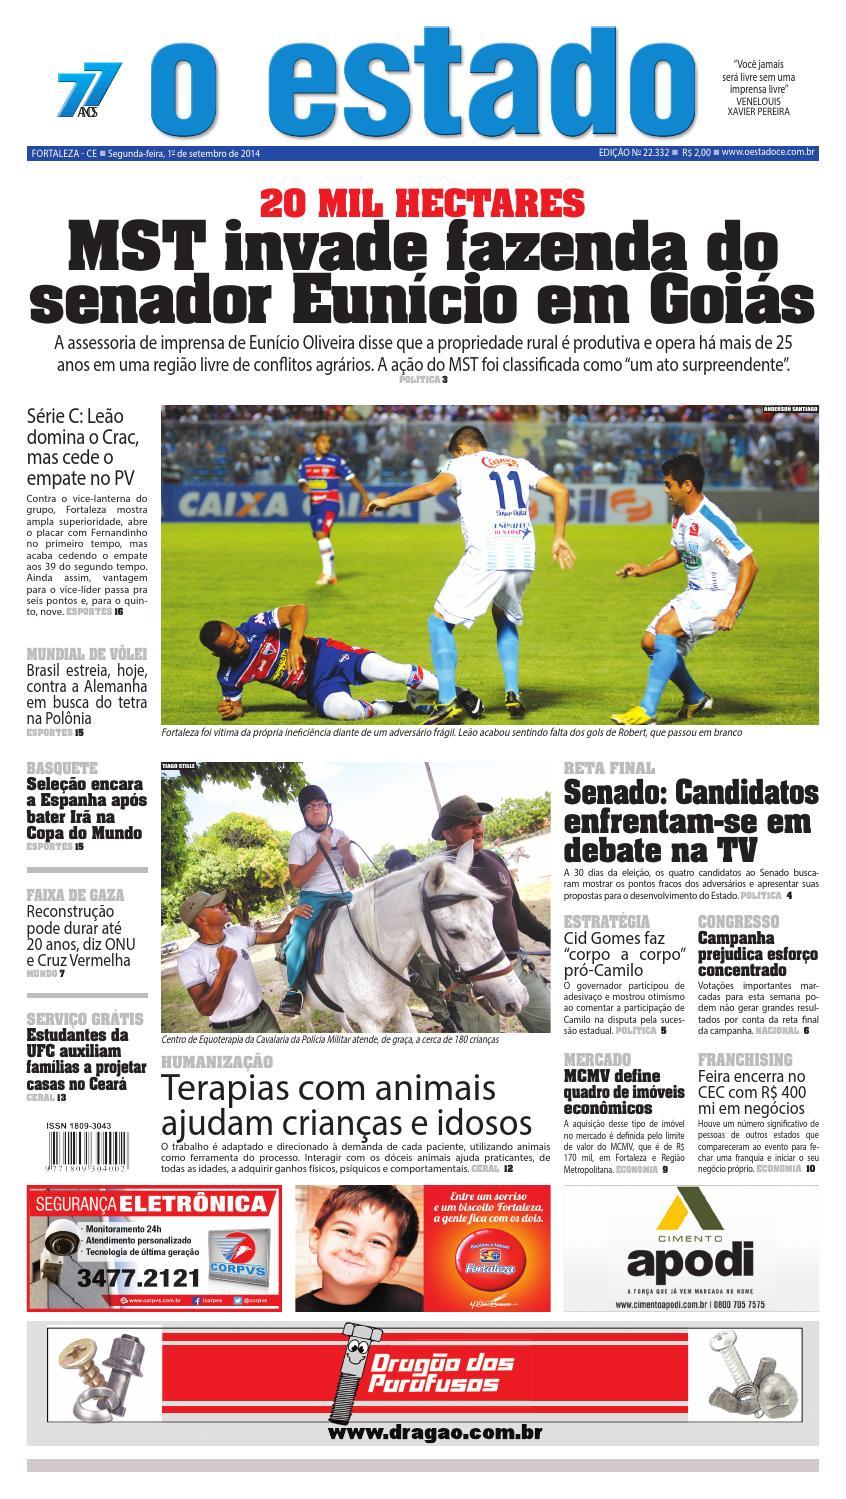 Edição 22332 - 01 de setembro de 2014 by Jornal O Estado (Ceará) - issuu fae518b3dc26a